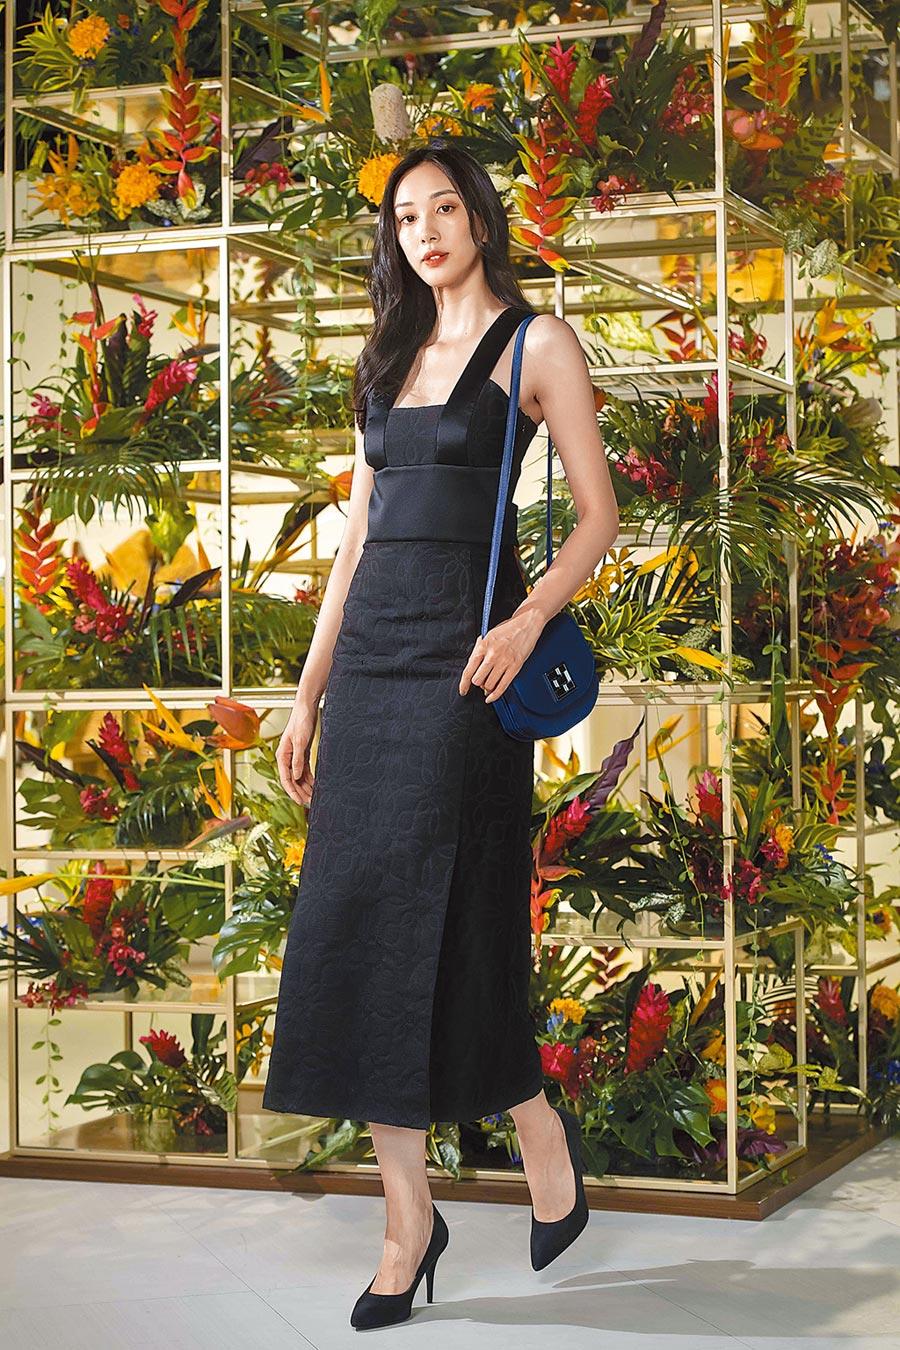 建築式線條融入愛馬仕這季的服裝剪裁上,加上提花織工藝紋打造立體的明暗效果。黑色Cordelieres圖紋提花細節連身真絲晚宴洋裝20萬2800元。(HERMES提供)